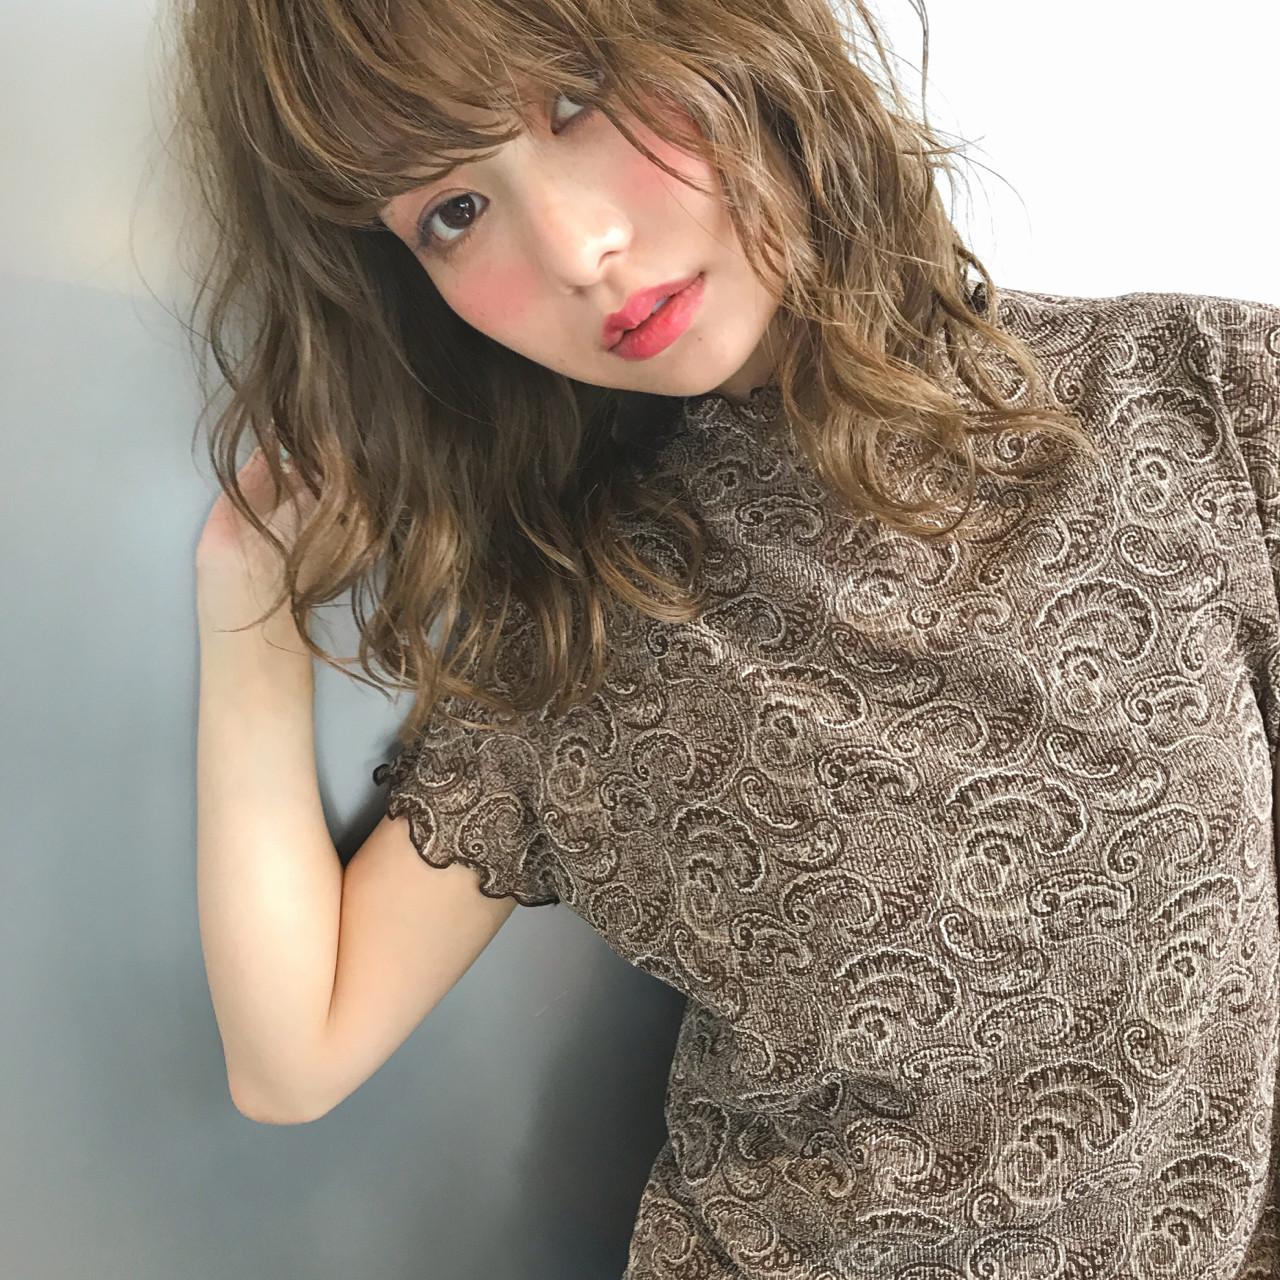 ウェーブ リラックス 色気 ミディアム ヘアスタイルや髪型の写真・画像